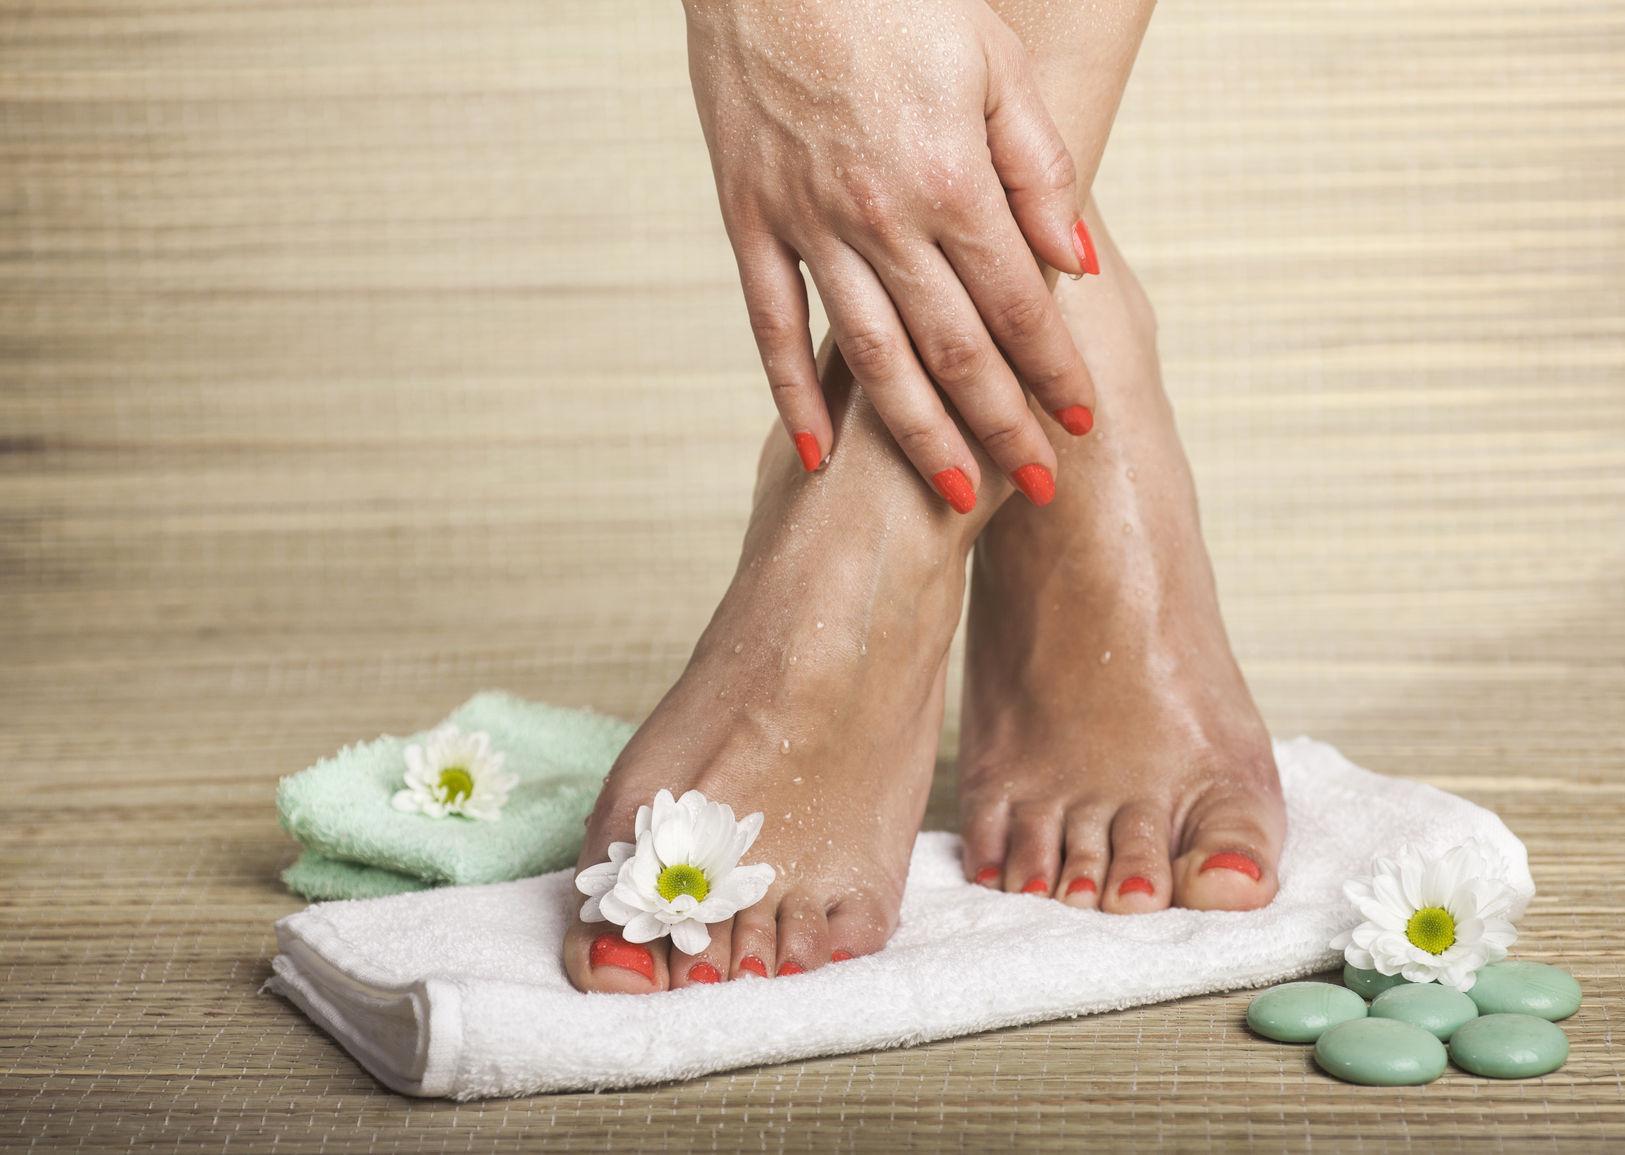 artrita pe picioare cum sa tratezi ajuta la dureri de genunchi